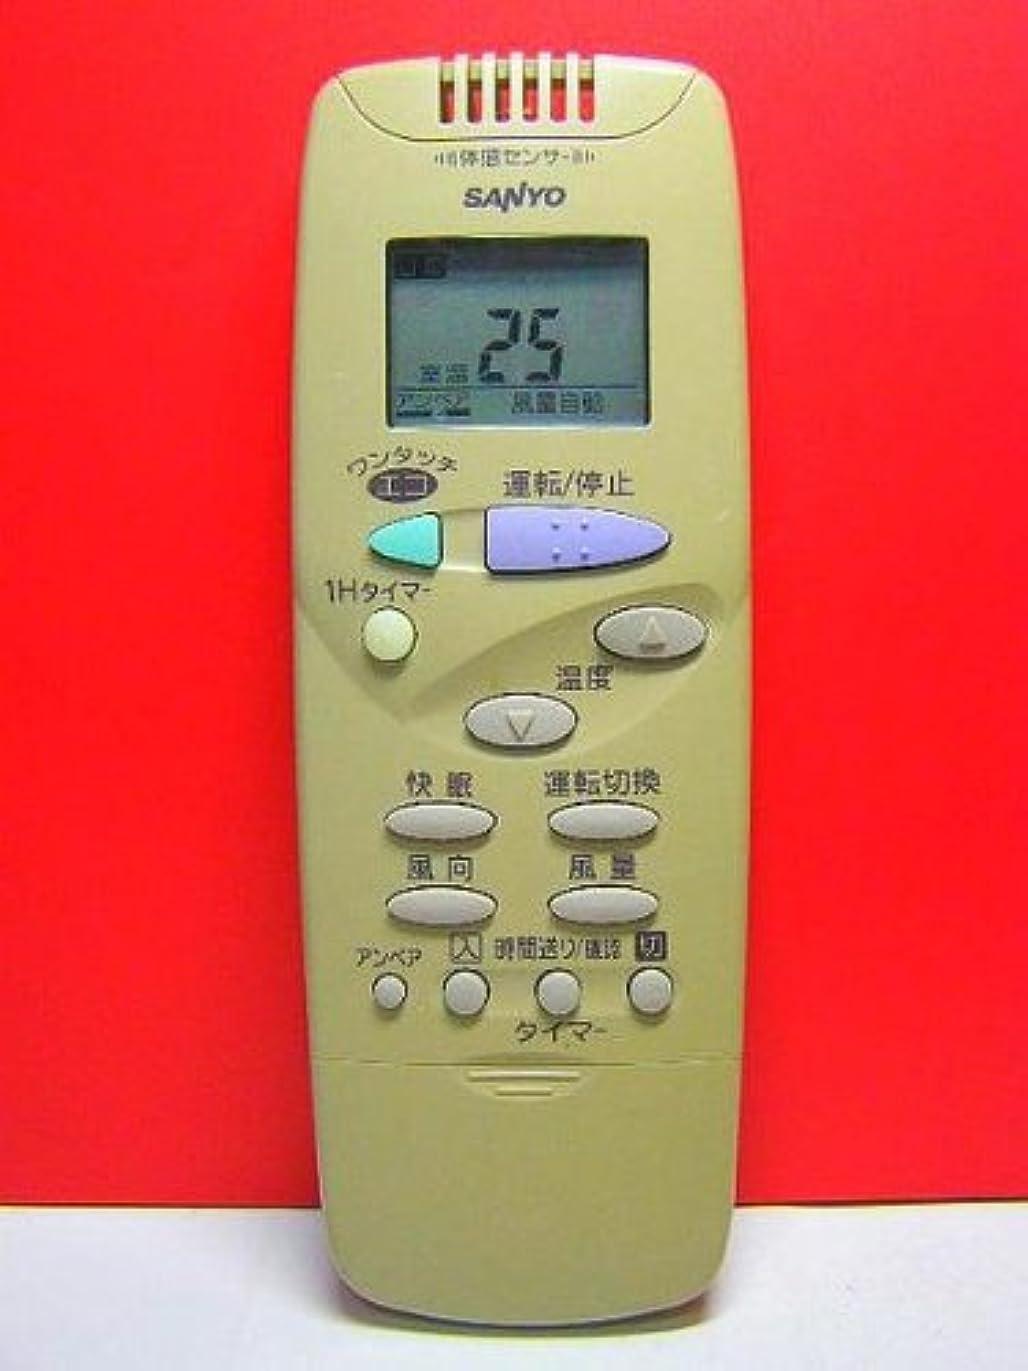 抽象告白助けて三洋電機 サンヨー エアコンリモコン RCS-FB1